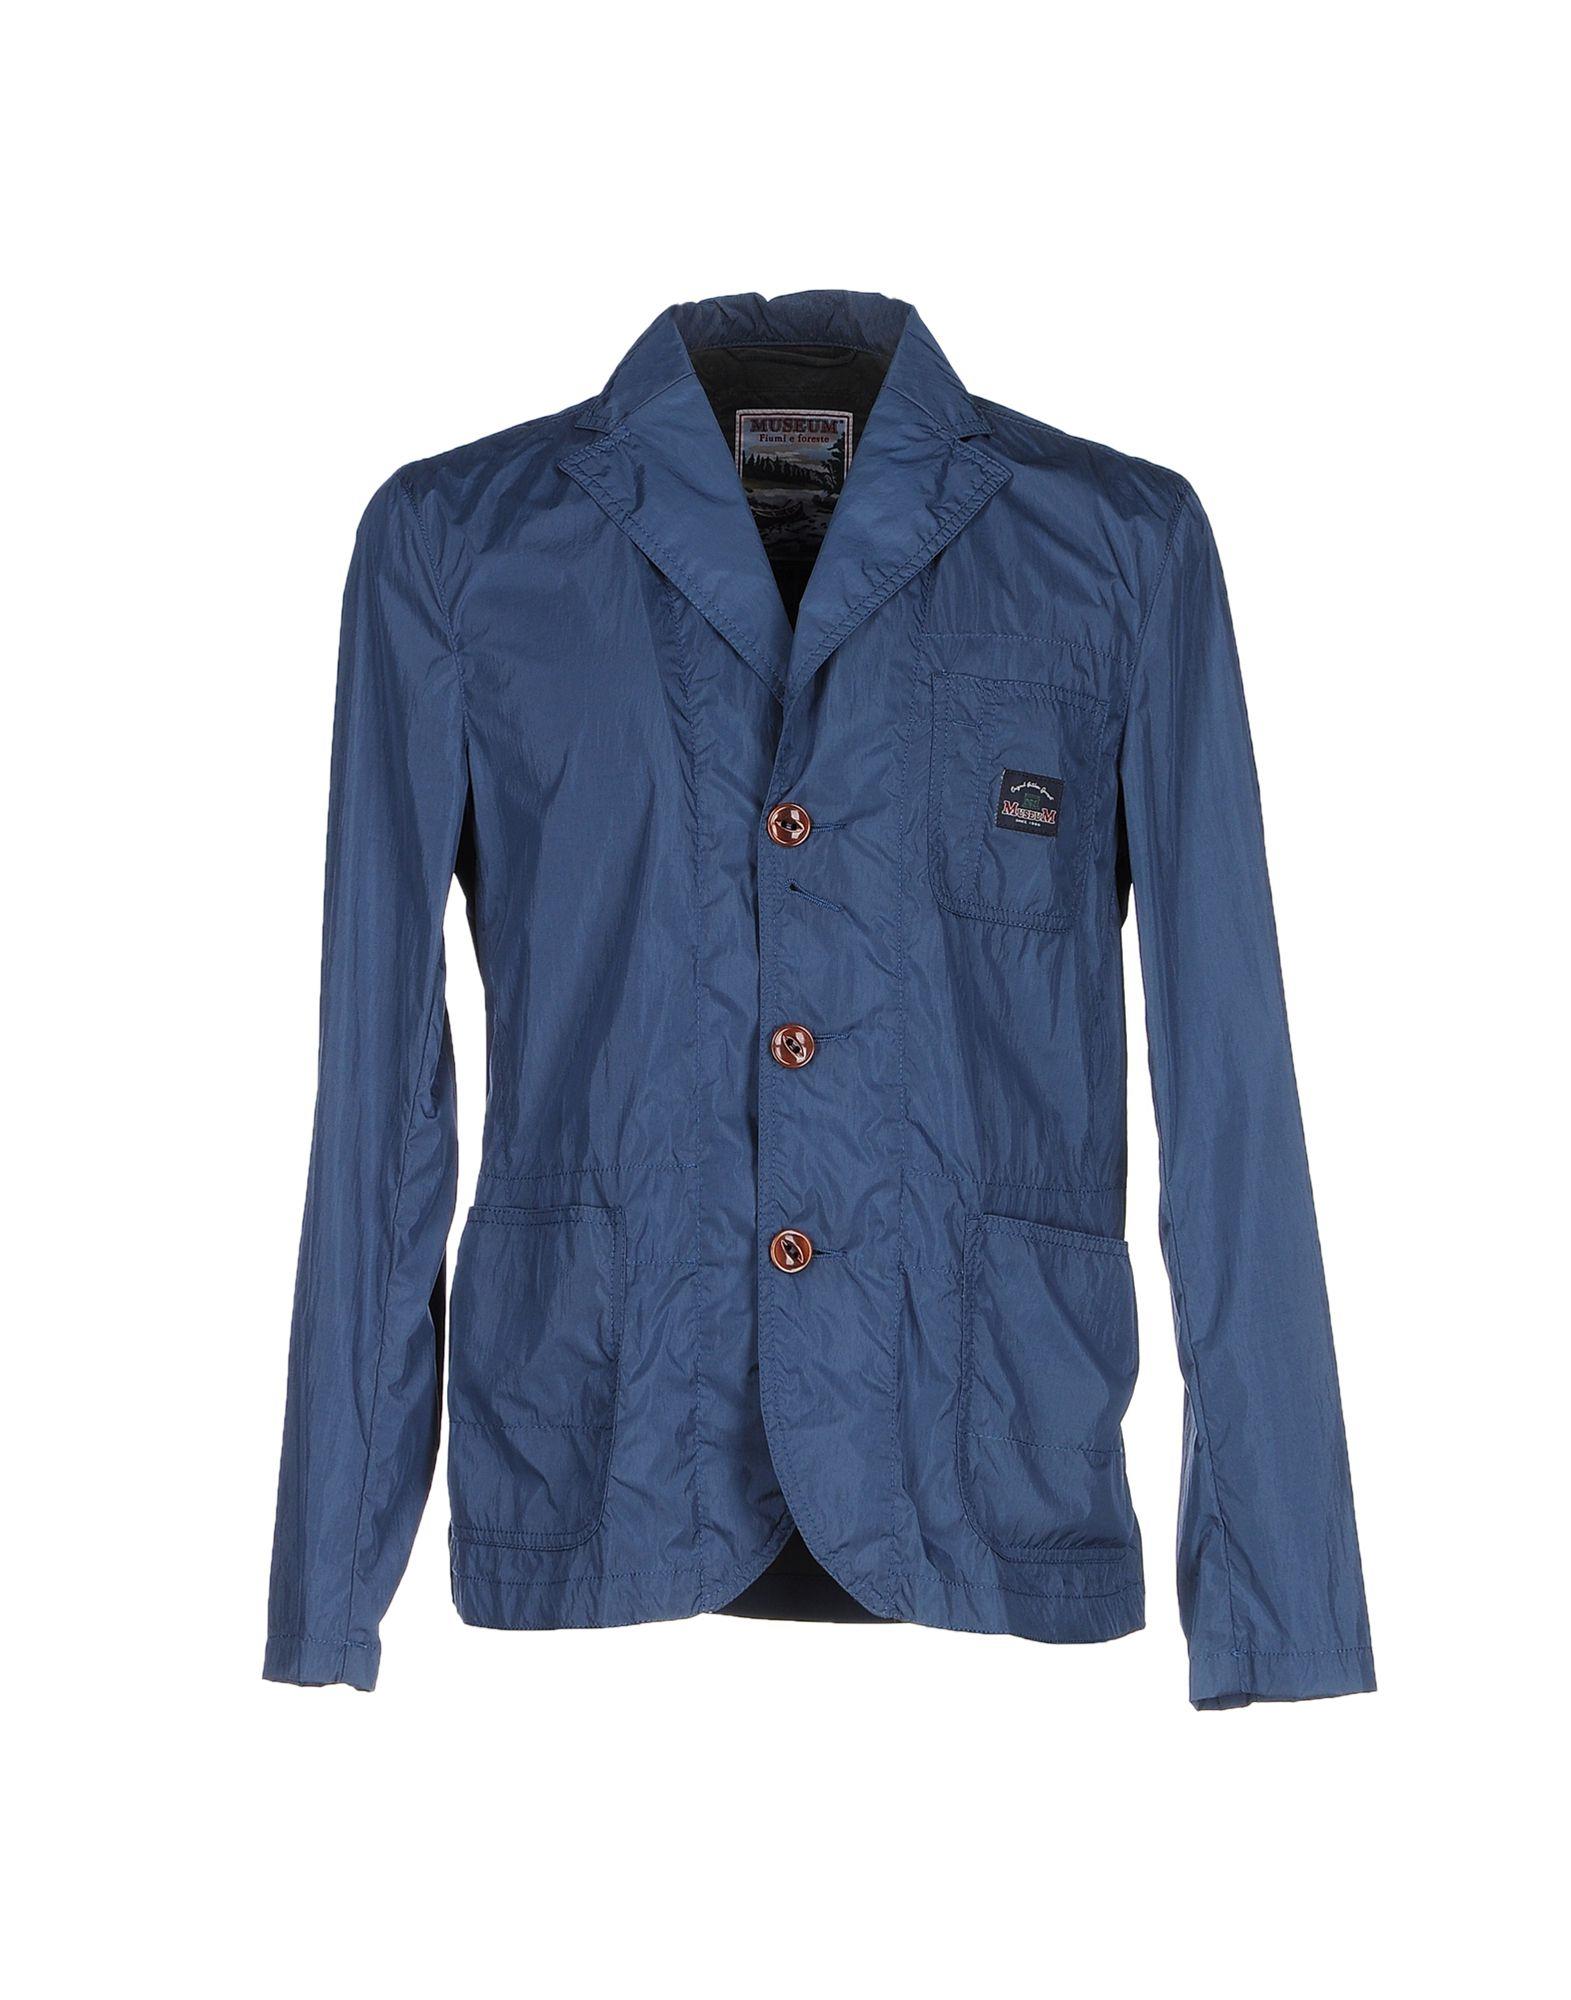 Blazers in Slate Blue